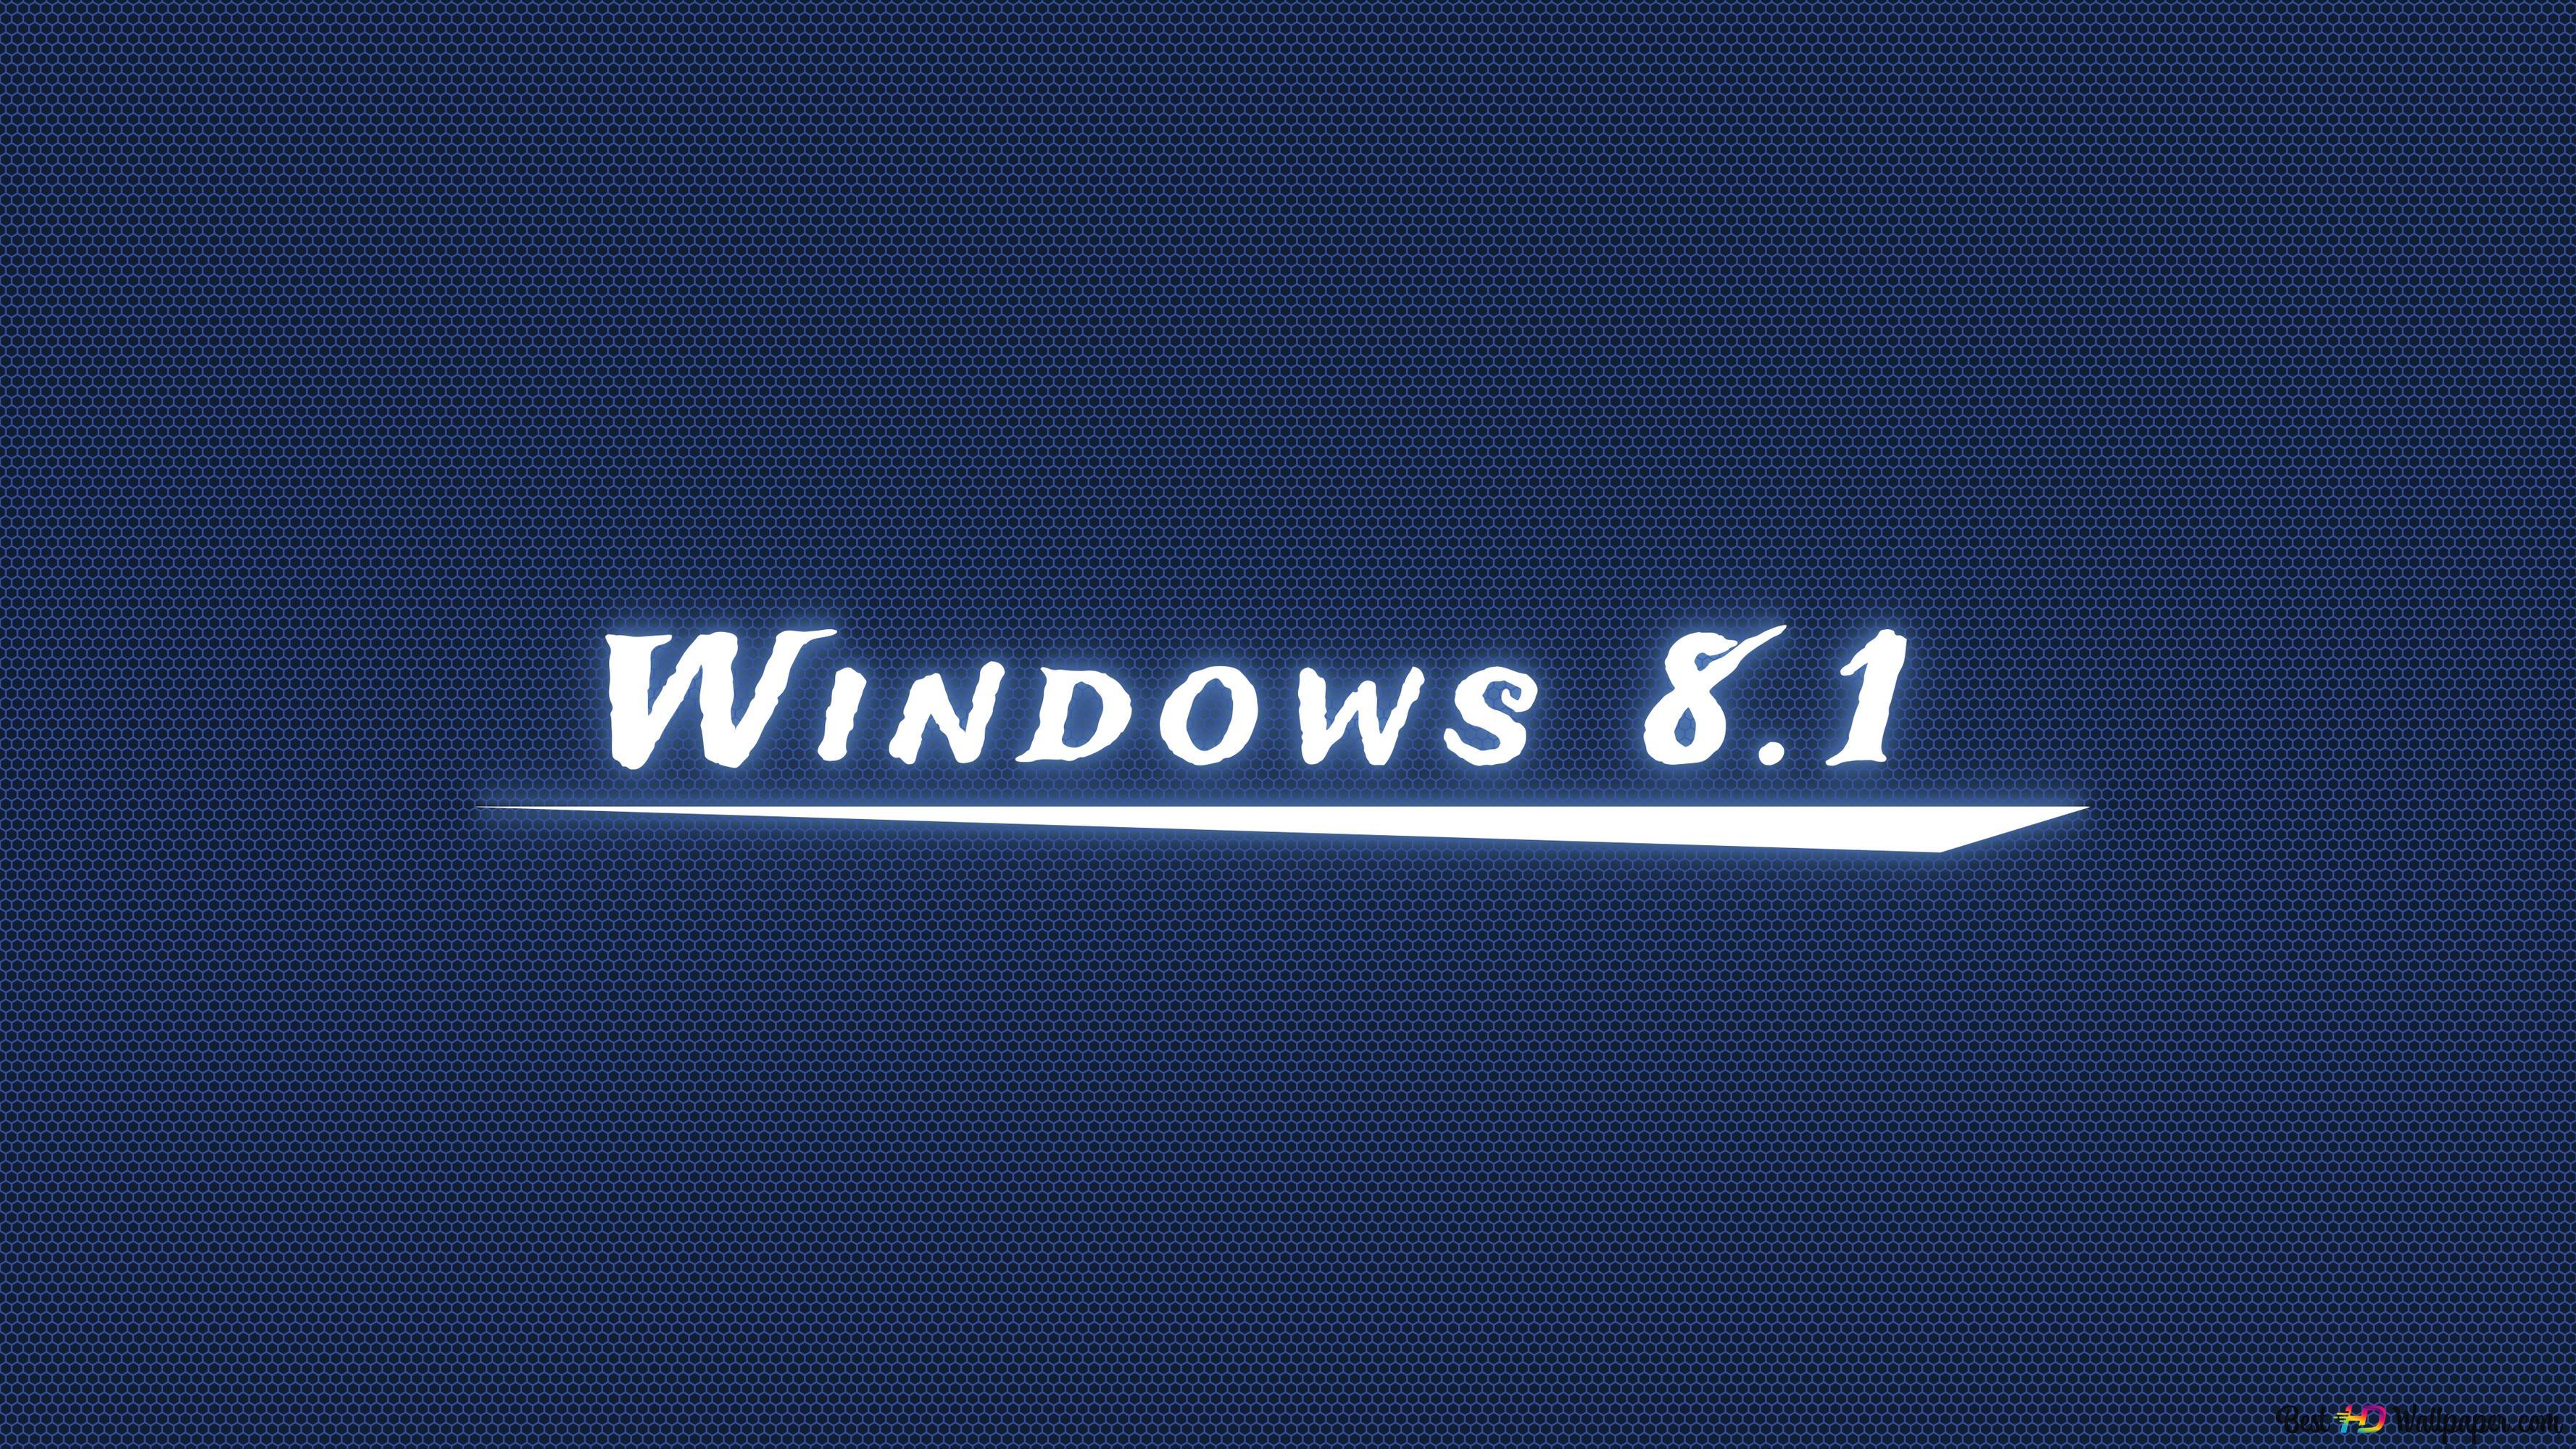 Windows 8 1中高清壁纸下载